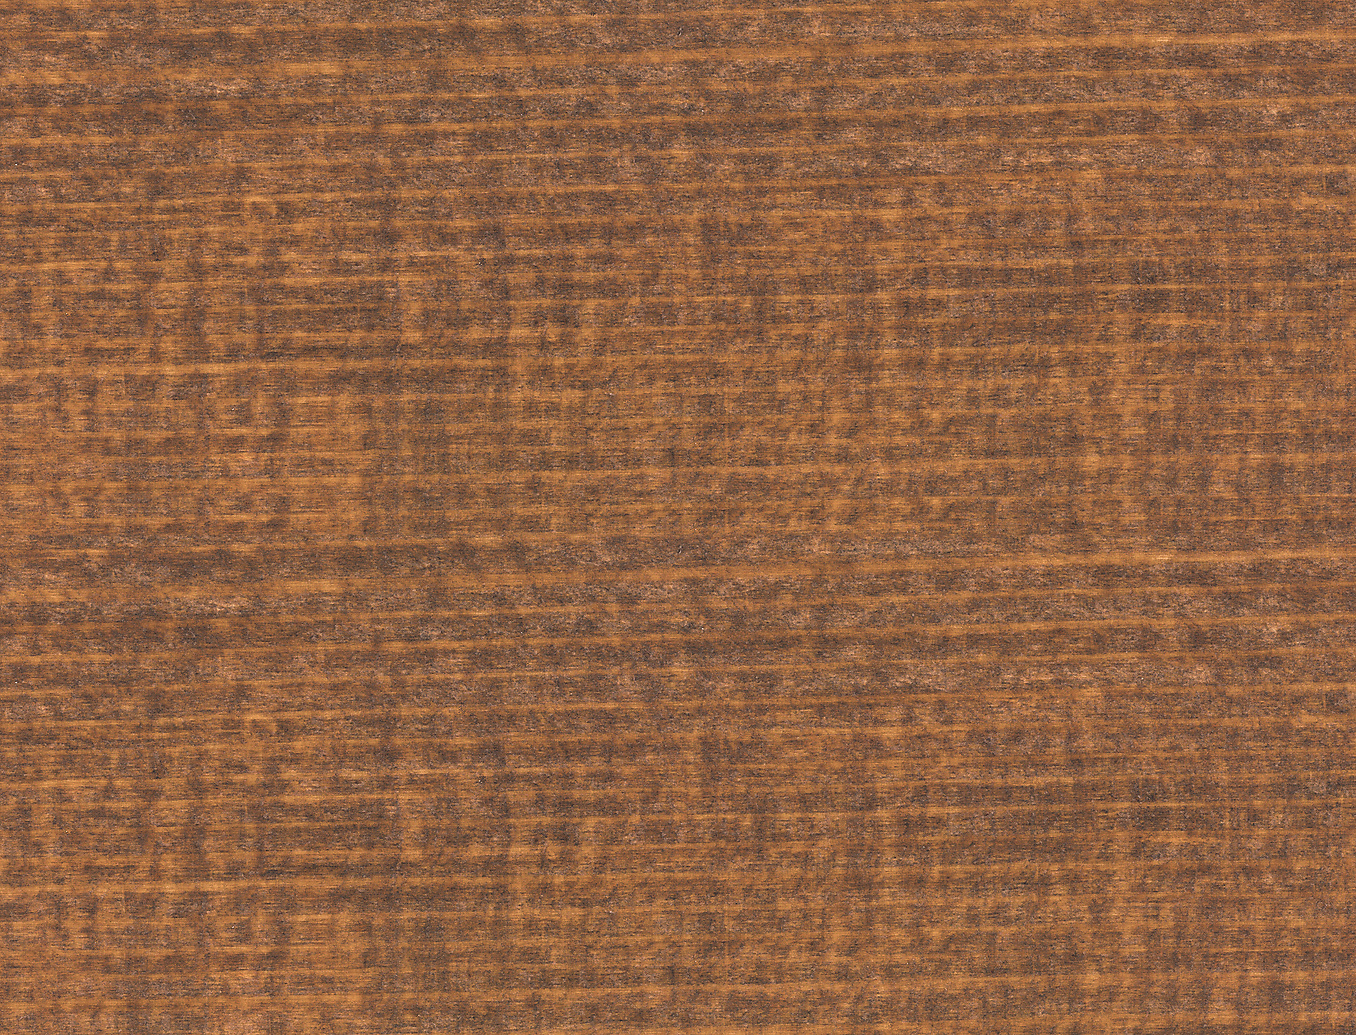 holz lasur holz wetterfest streichen alpina universal lasur nussbaum alpina farben. Black Bedroom Furniture Sets. Home Design Ideas